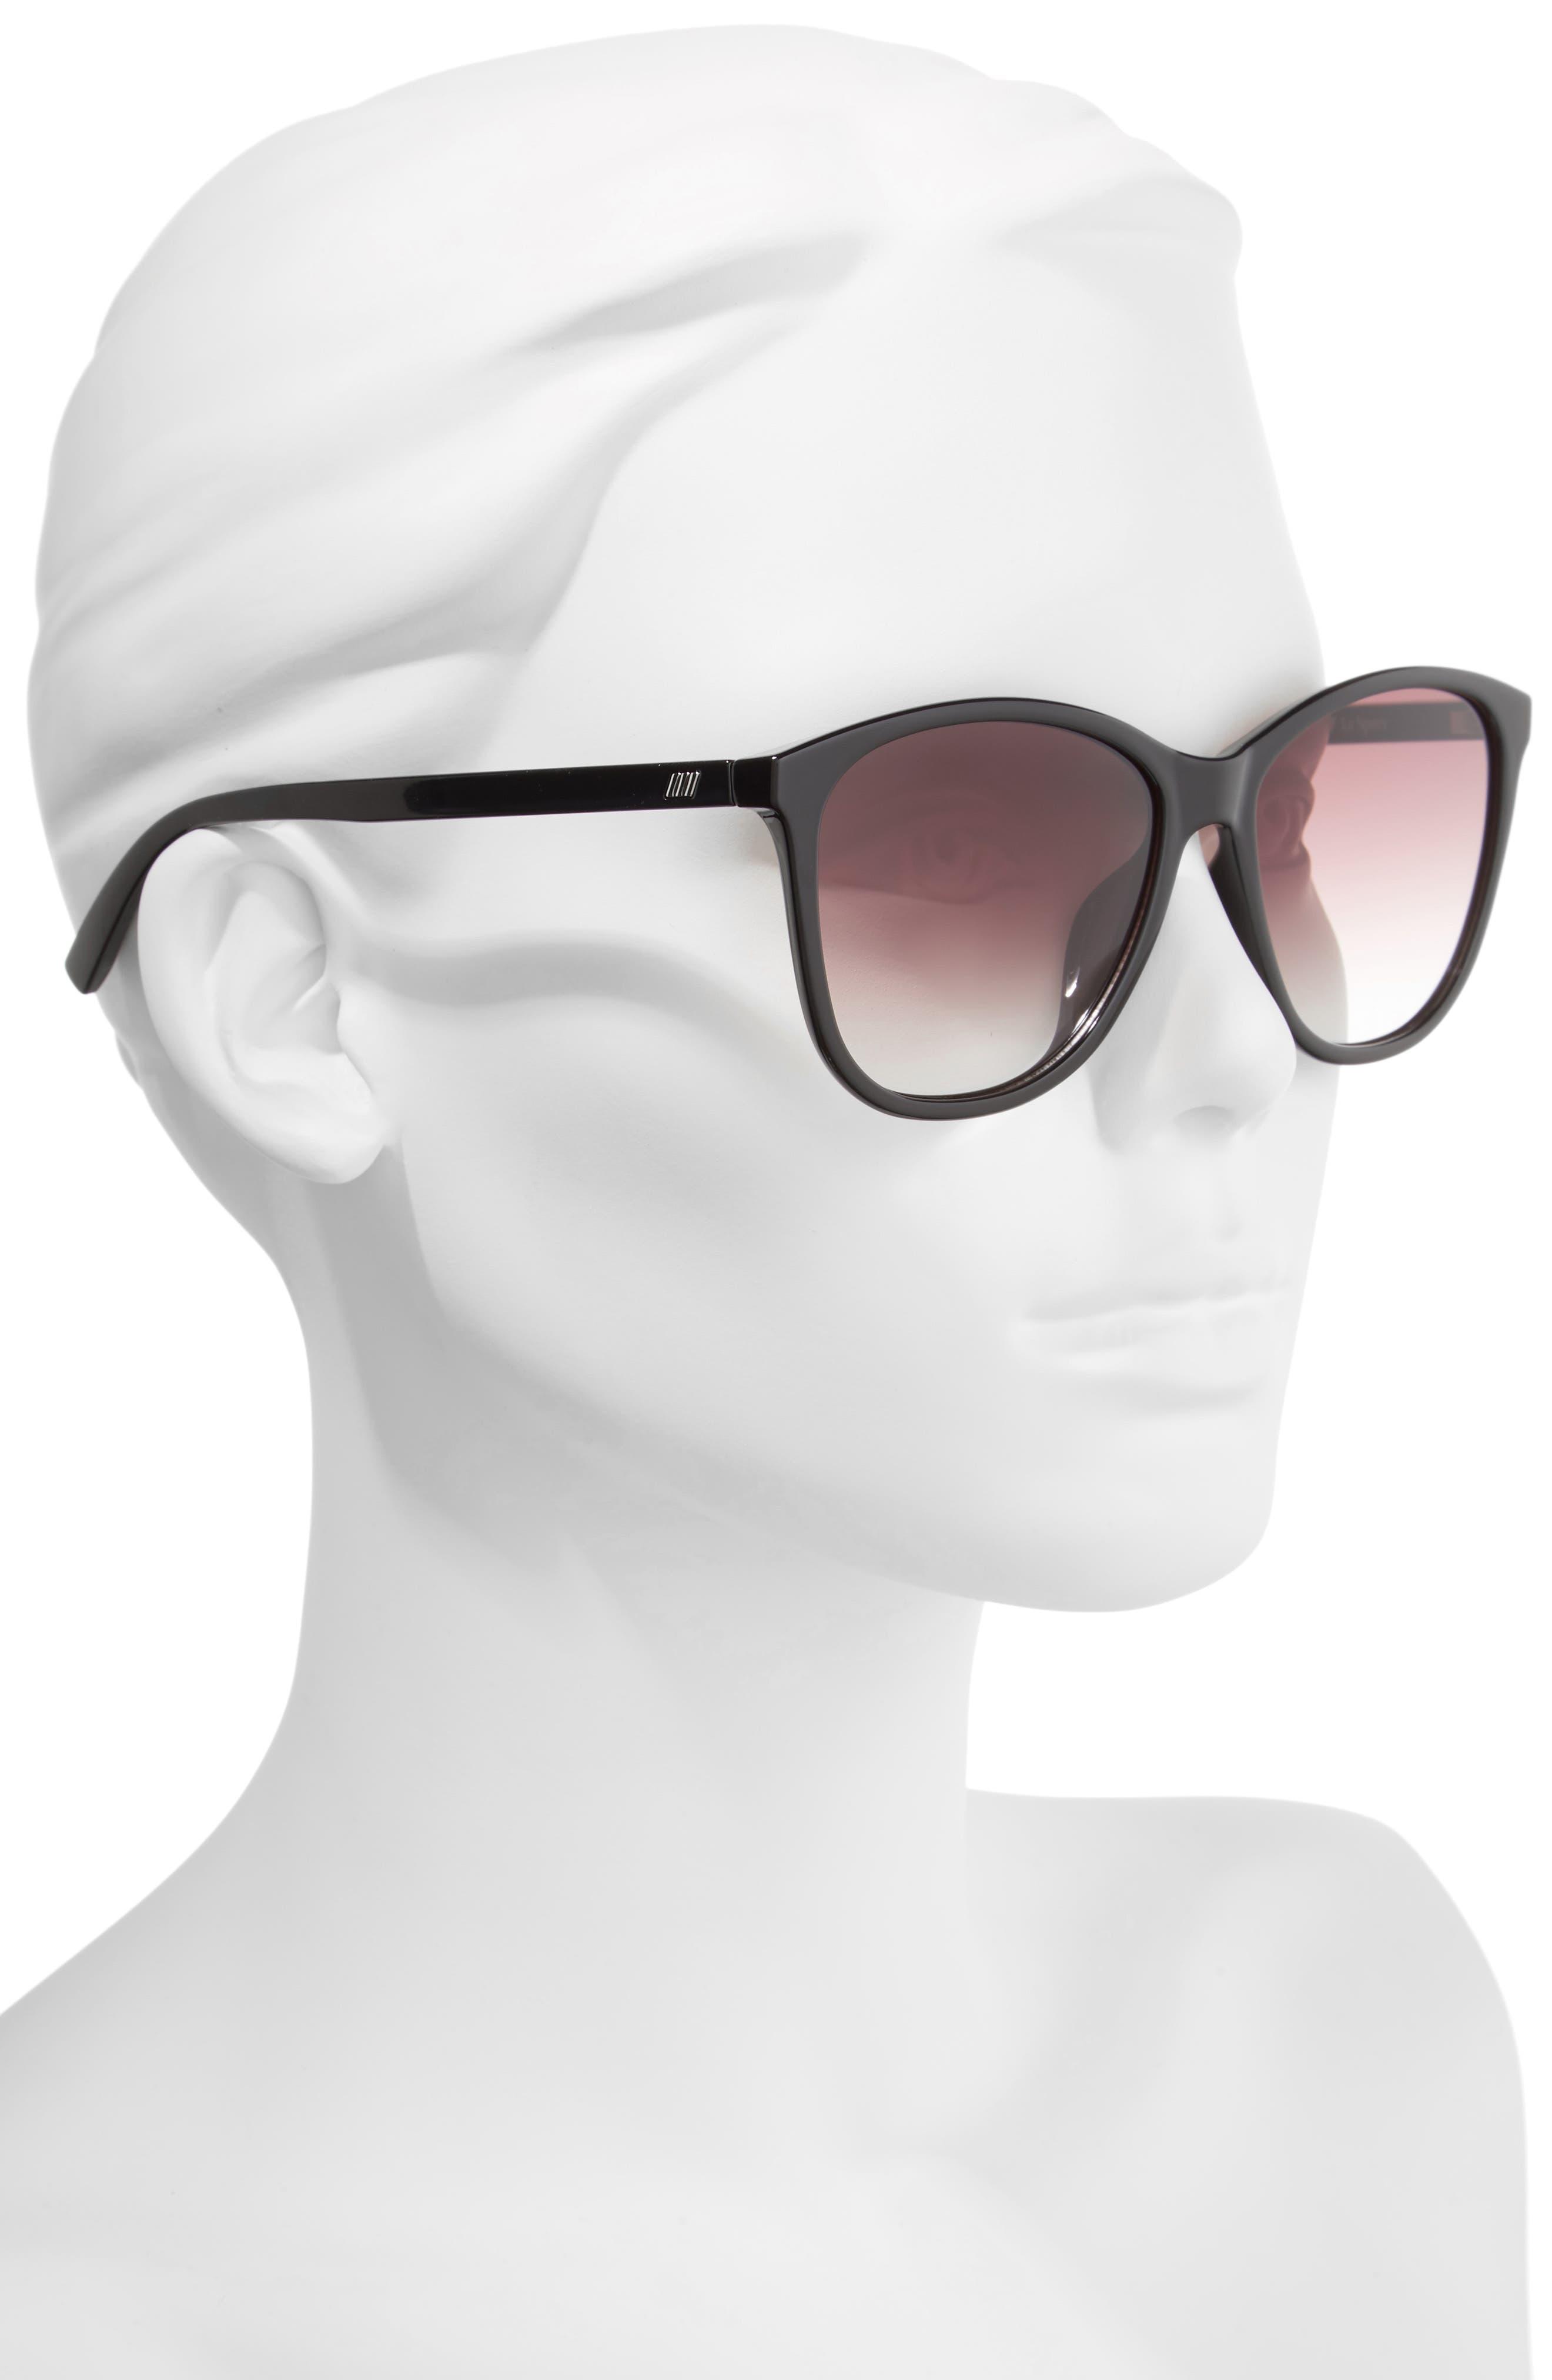 Entitlement 57mm Sunglasses,                             Alternate thumbnail 2, color,                             001